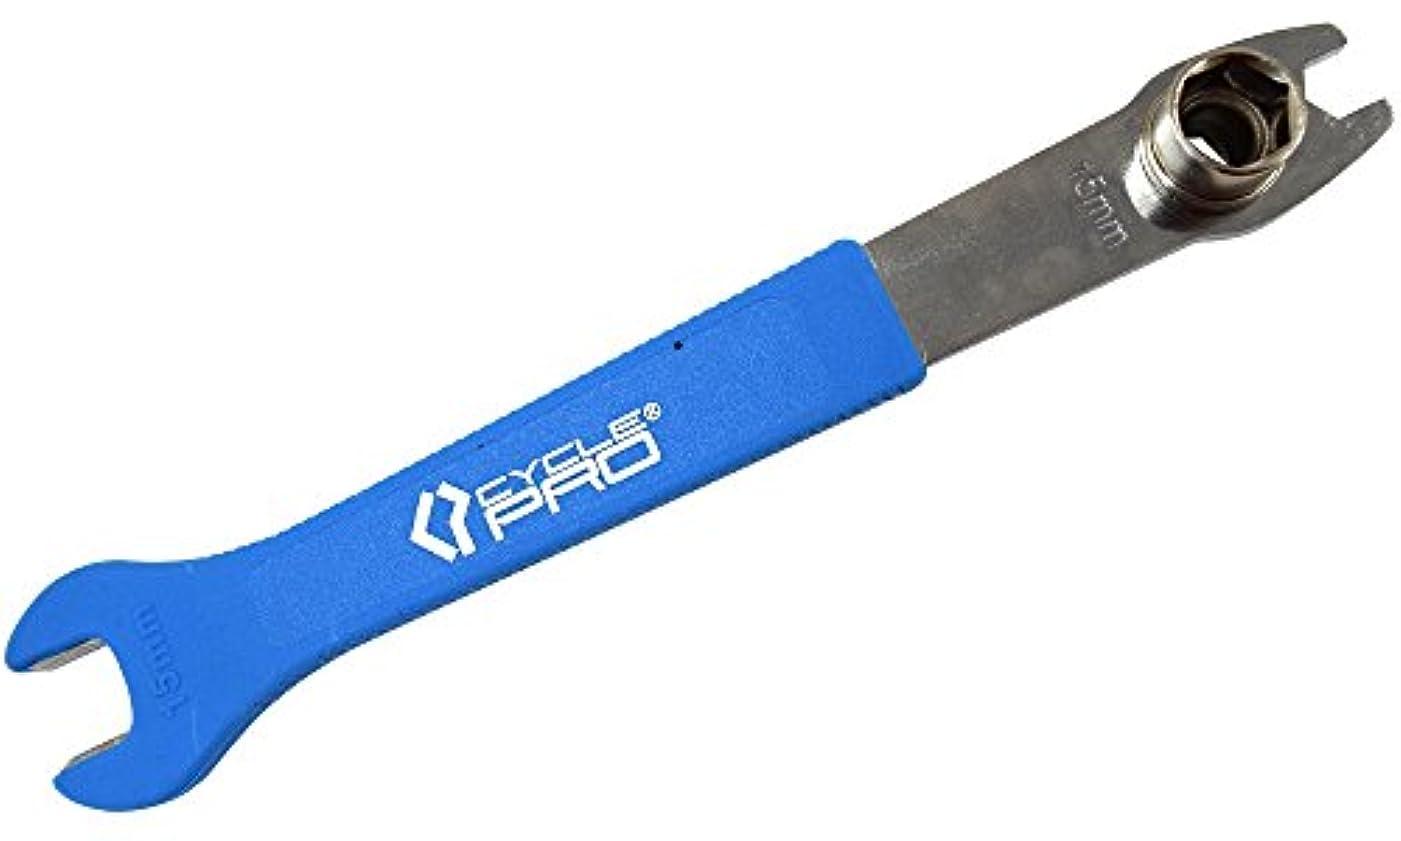 ランドマークパワー感謝しているCYCLE PRO(サイクルプロ) ツール ペダル&BO×レンチ 14mm/15mm 10mm ピスト用に便利 オープンエンド CP-TL161SP